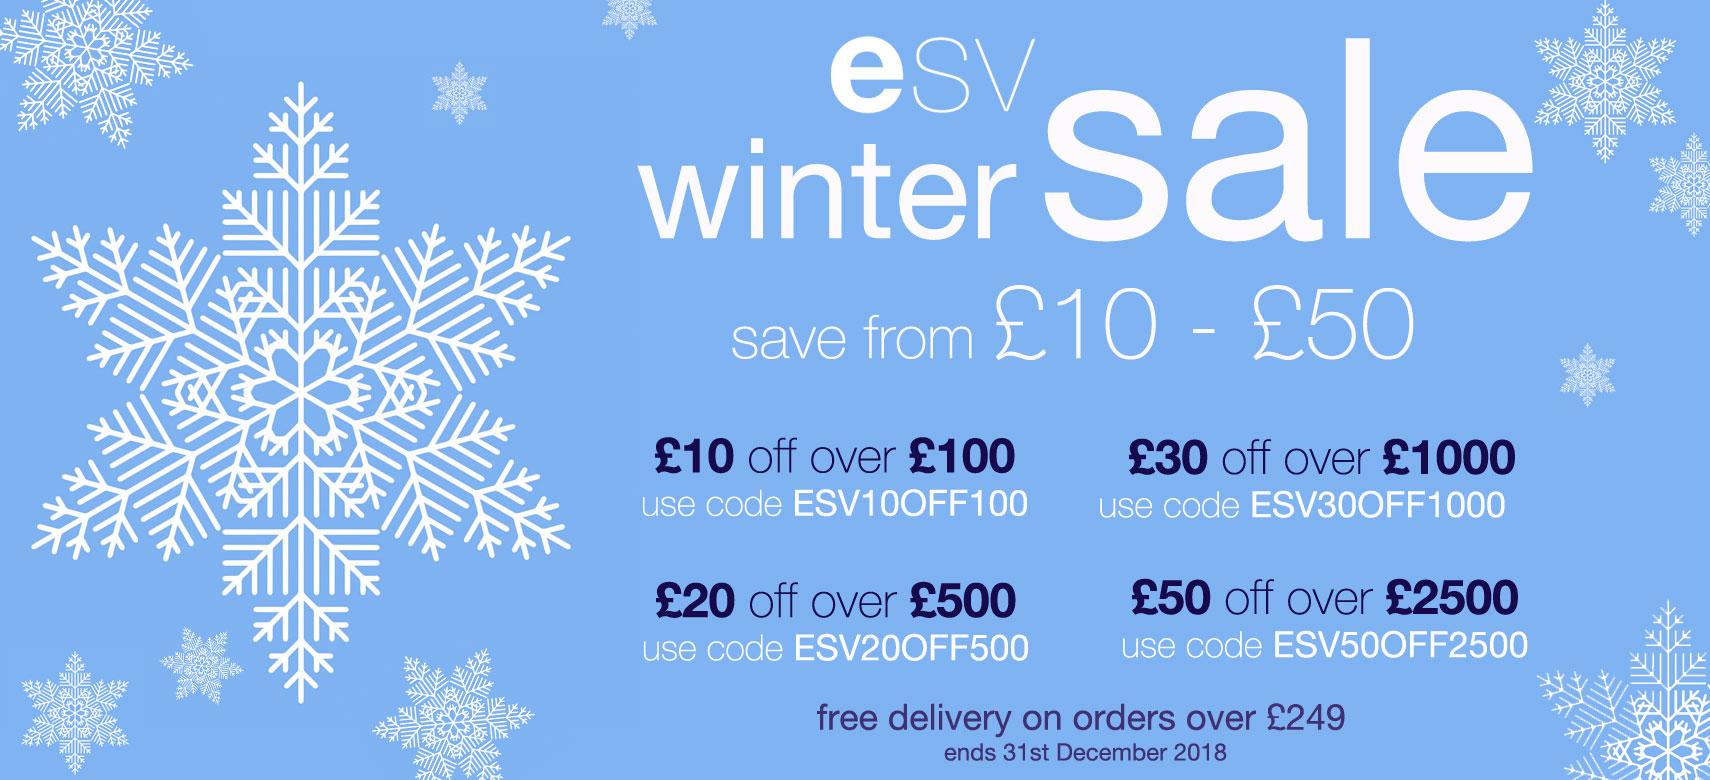 ESV Winter Sale